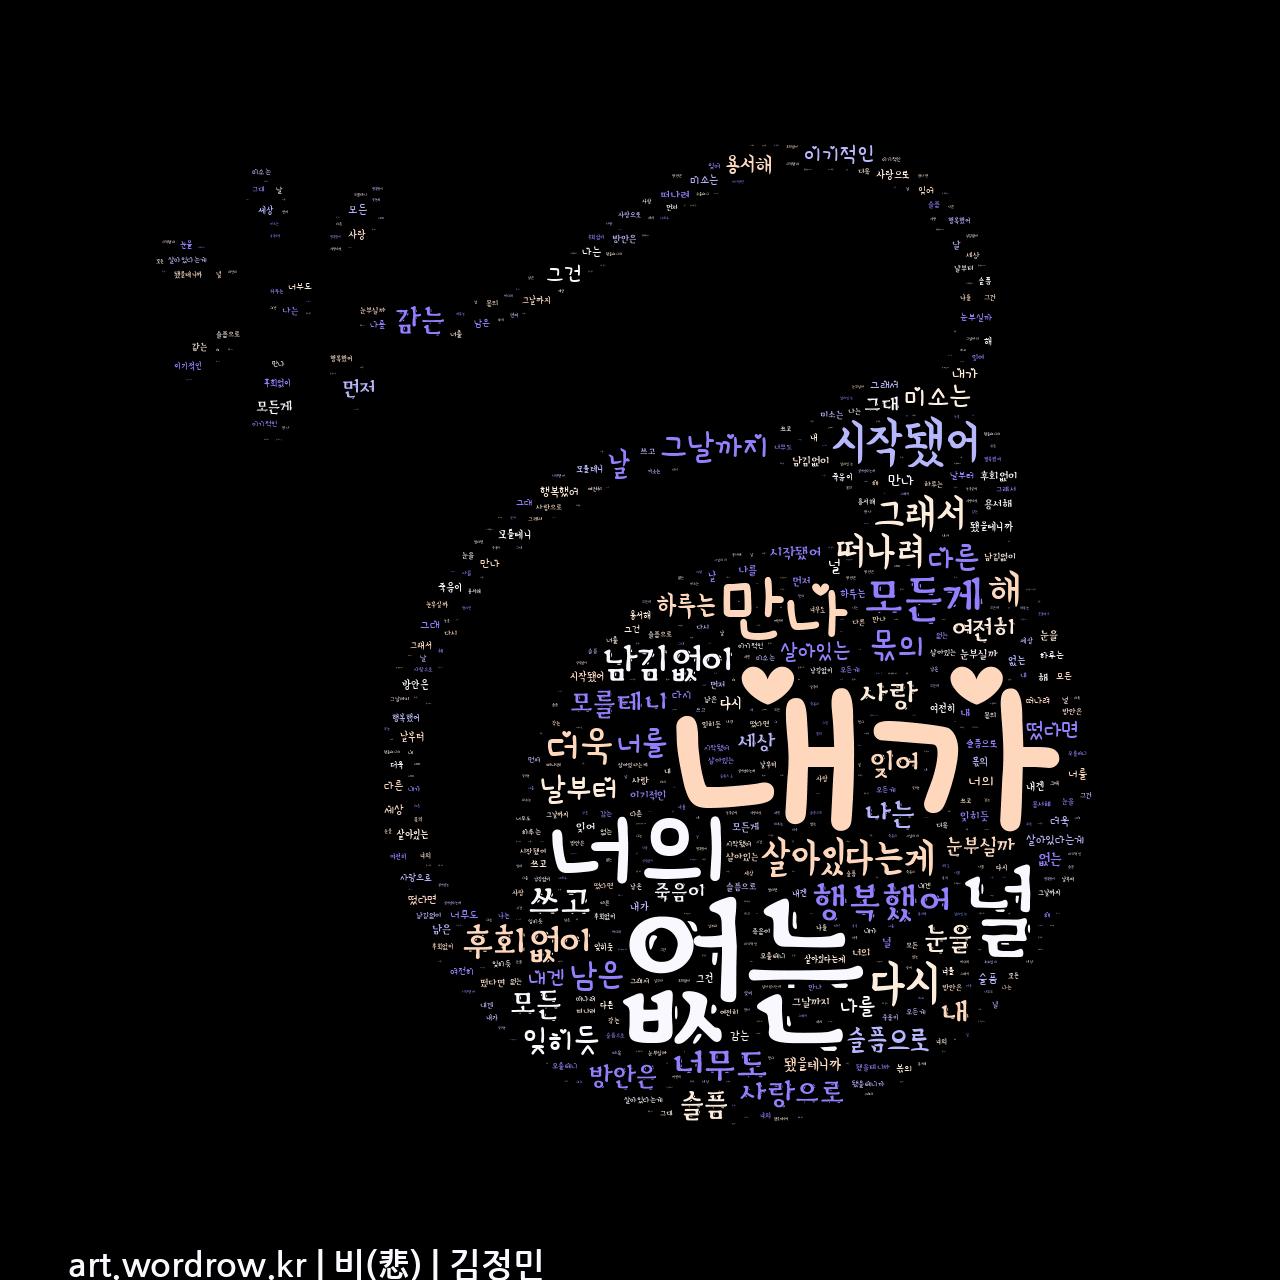 워드 클라우드: 비(悲) [김정민]-74